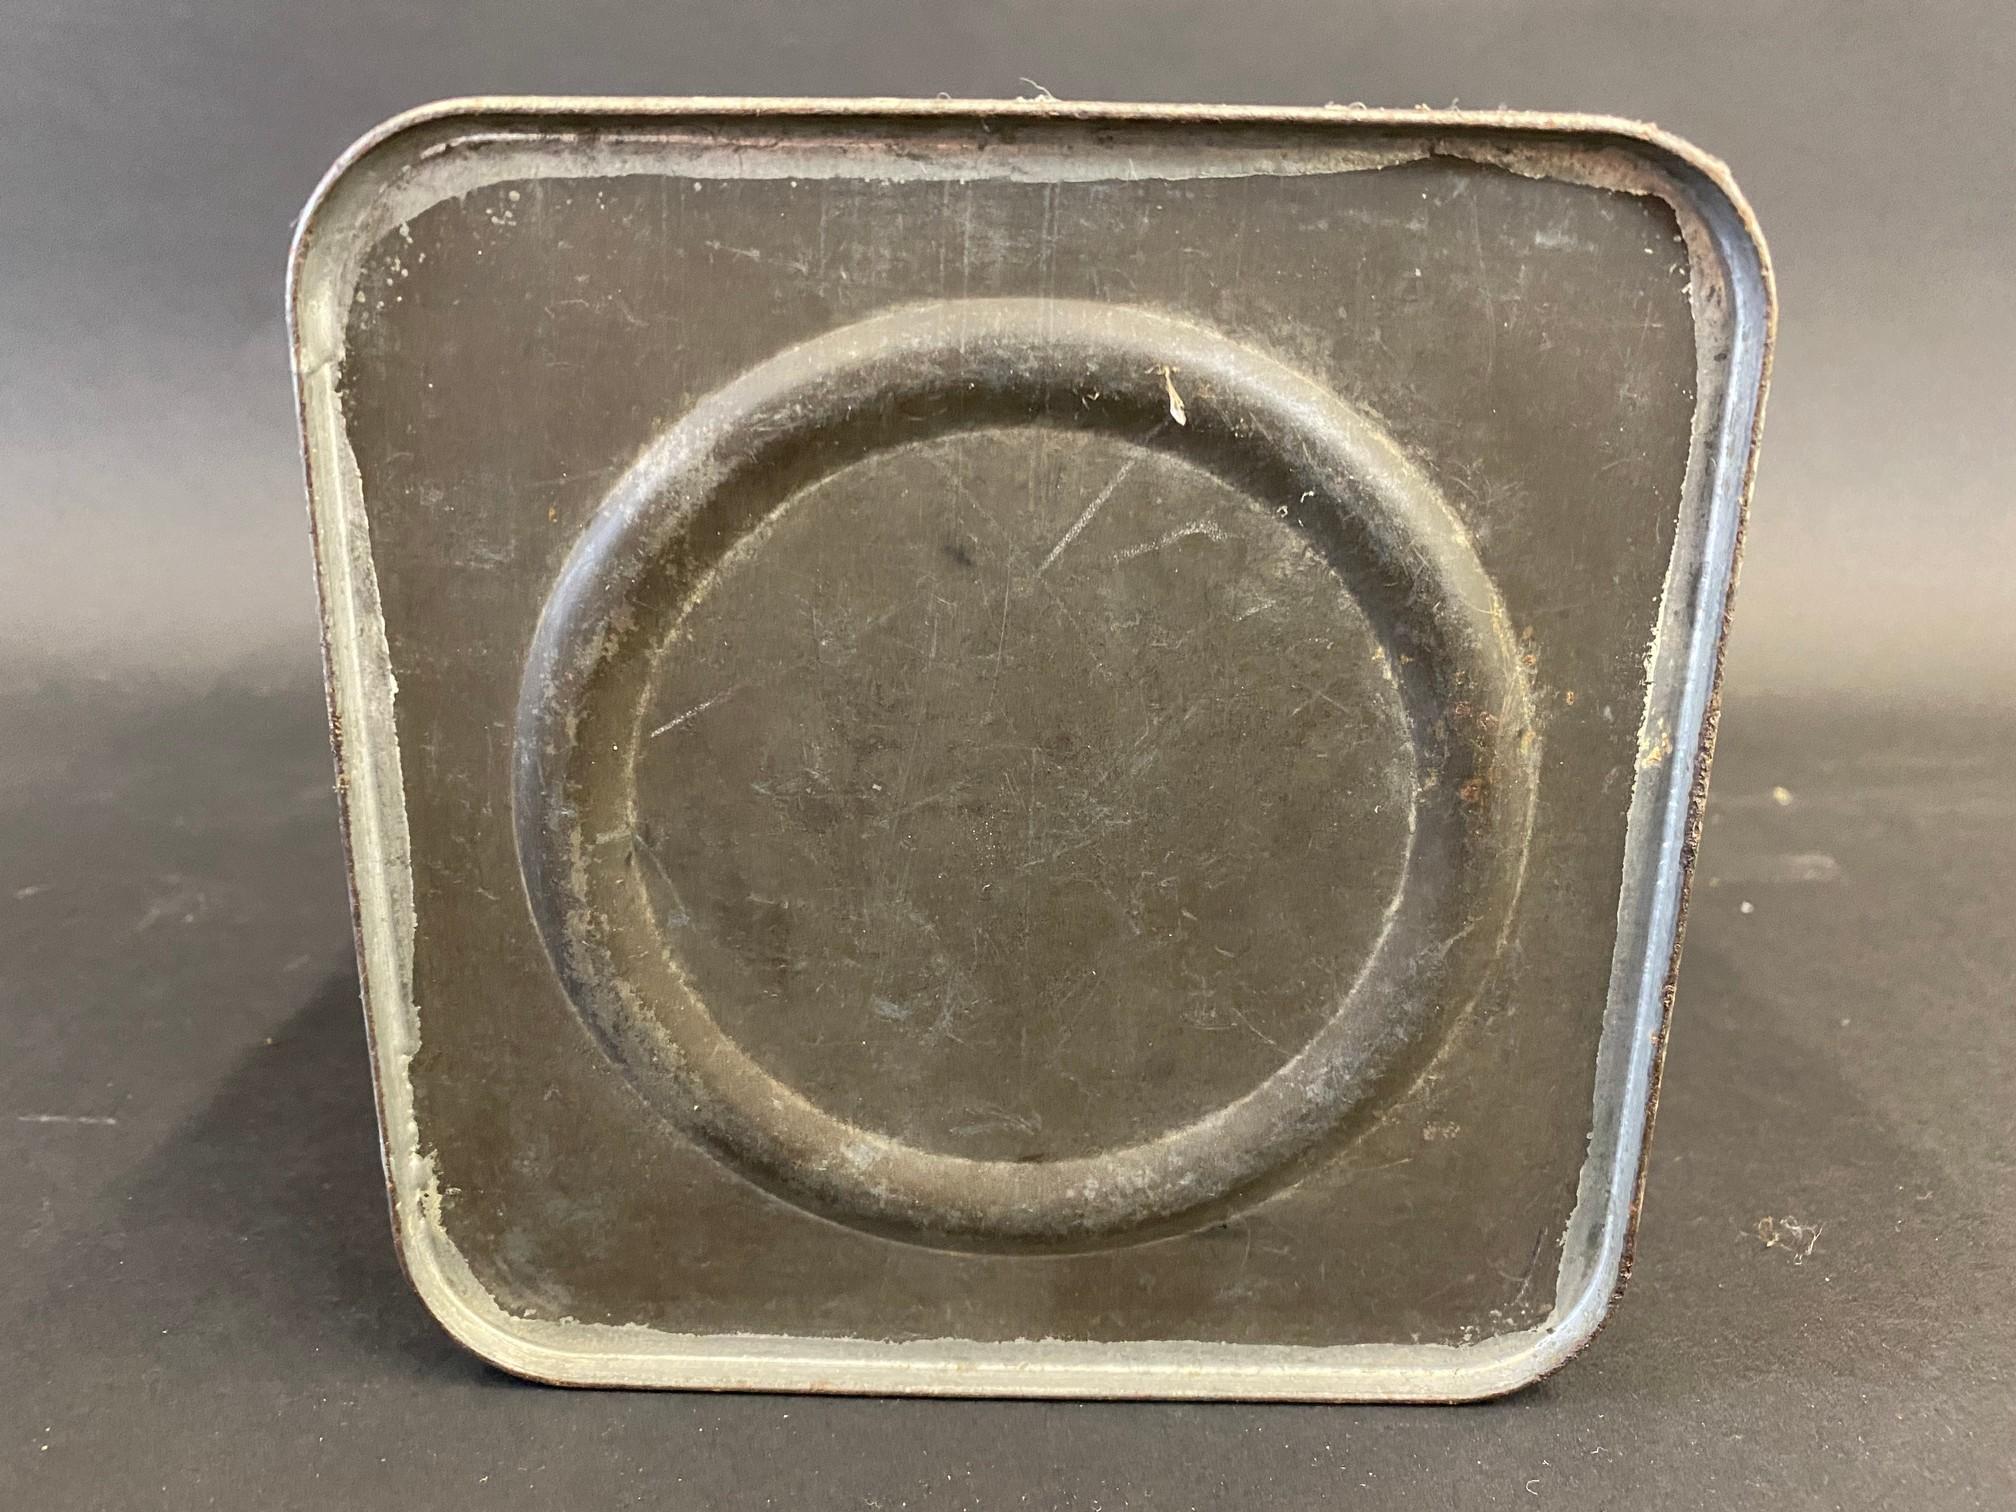 A Gargoyle Mobiloil E.P. grade (Extreme Pressure Lubricant) square gallon can. - Image 4 of 4